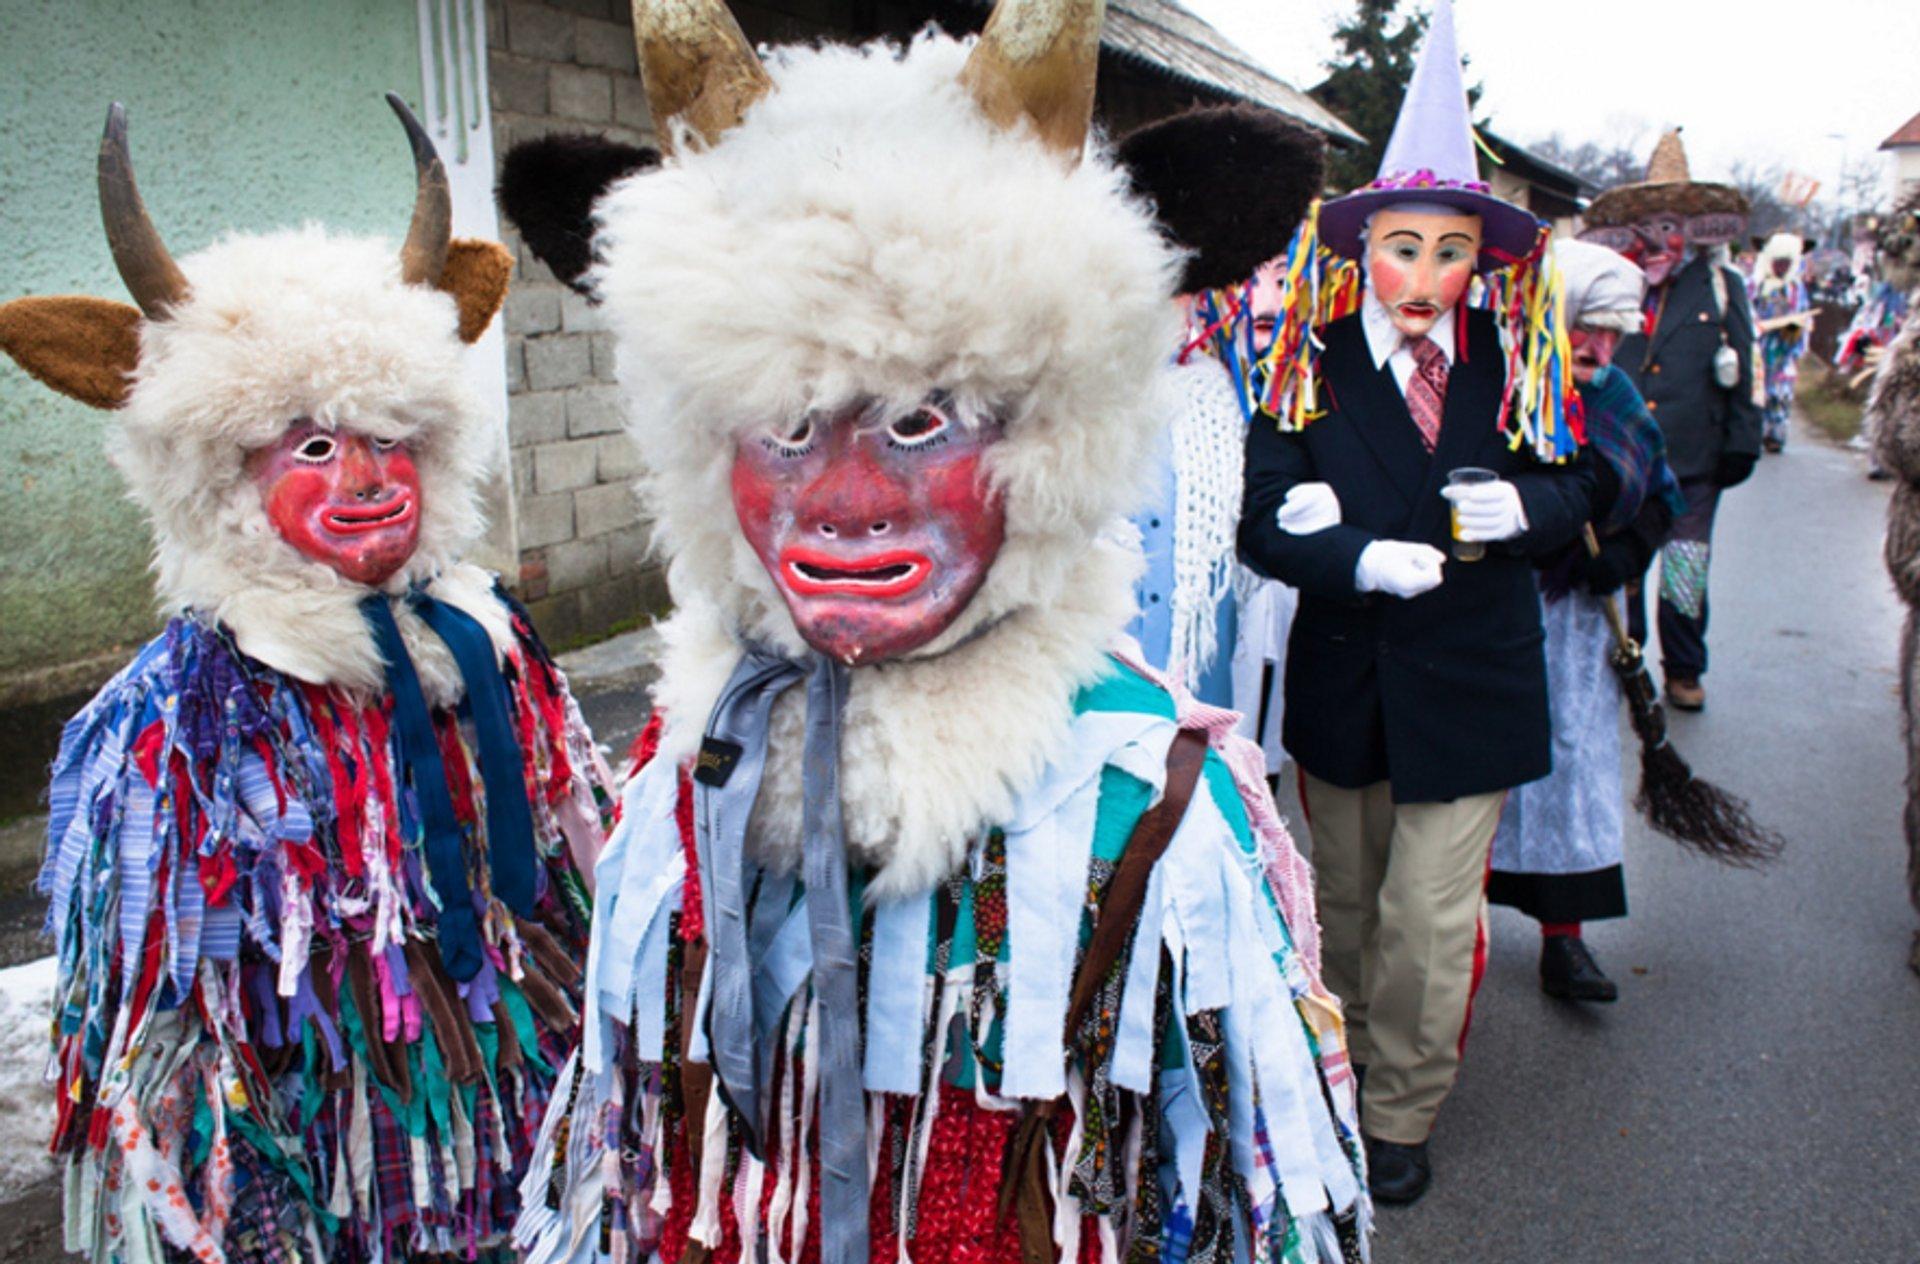 Pust Carnival in Cerknica in Slovenia 2020 - Best Time